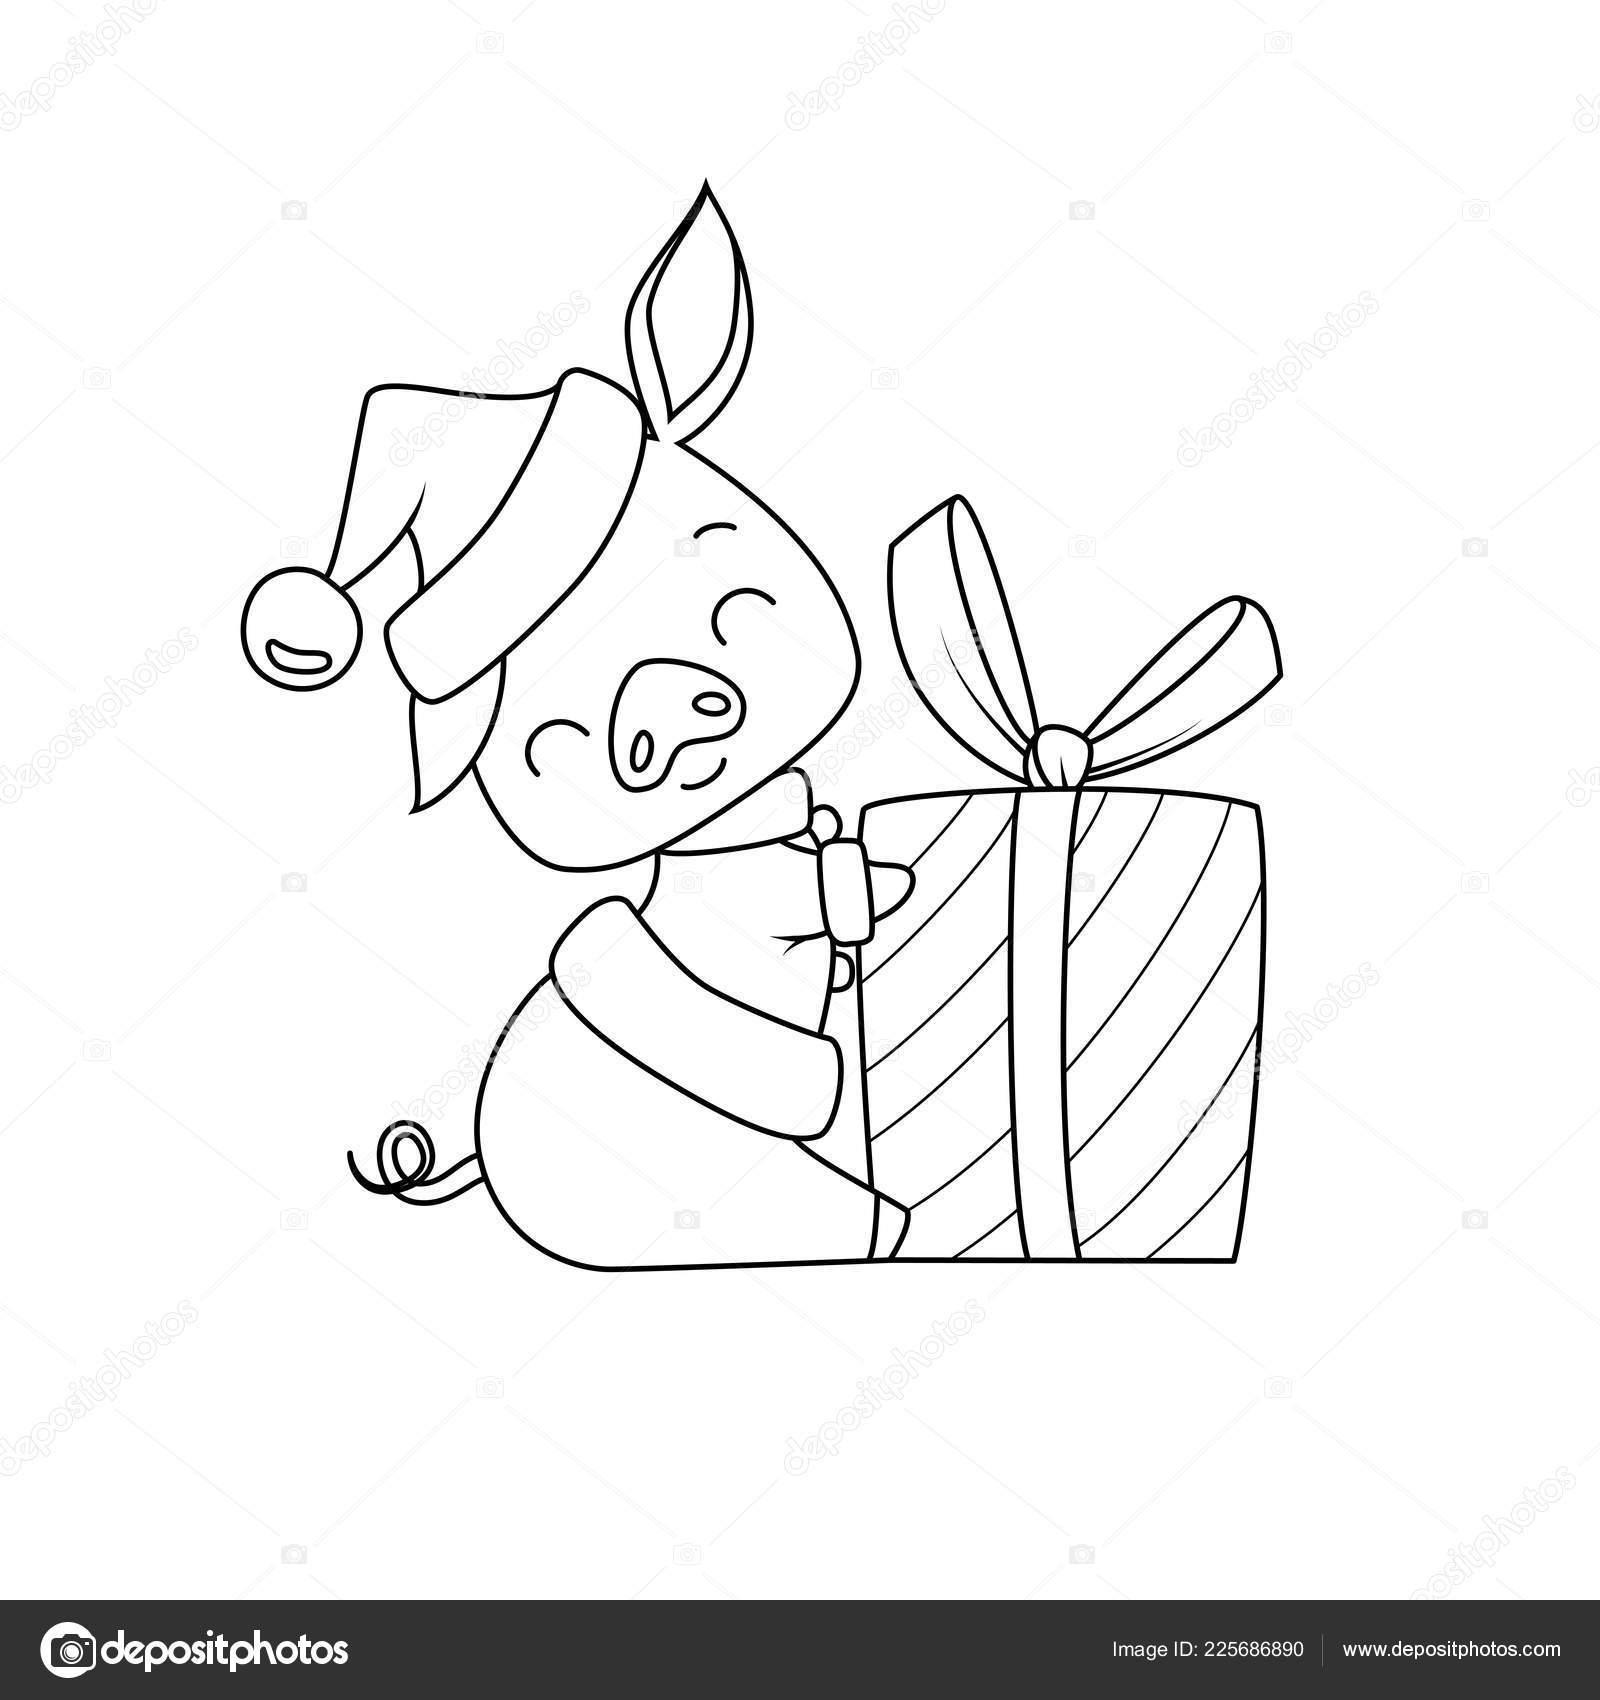 Livre Colorier Cochon Style Dessin Anime Portant Chapeau Pere Noel Image Vectorielle Blackspring1 C 225686890